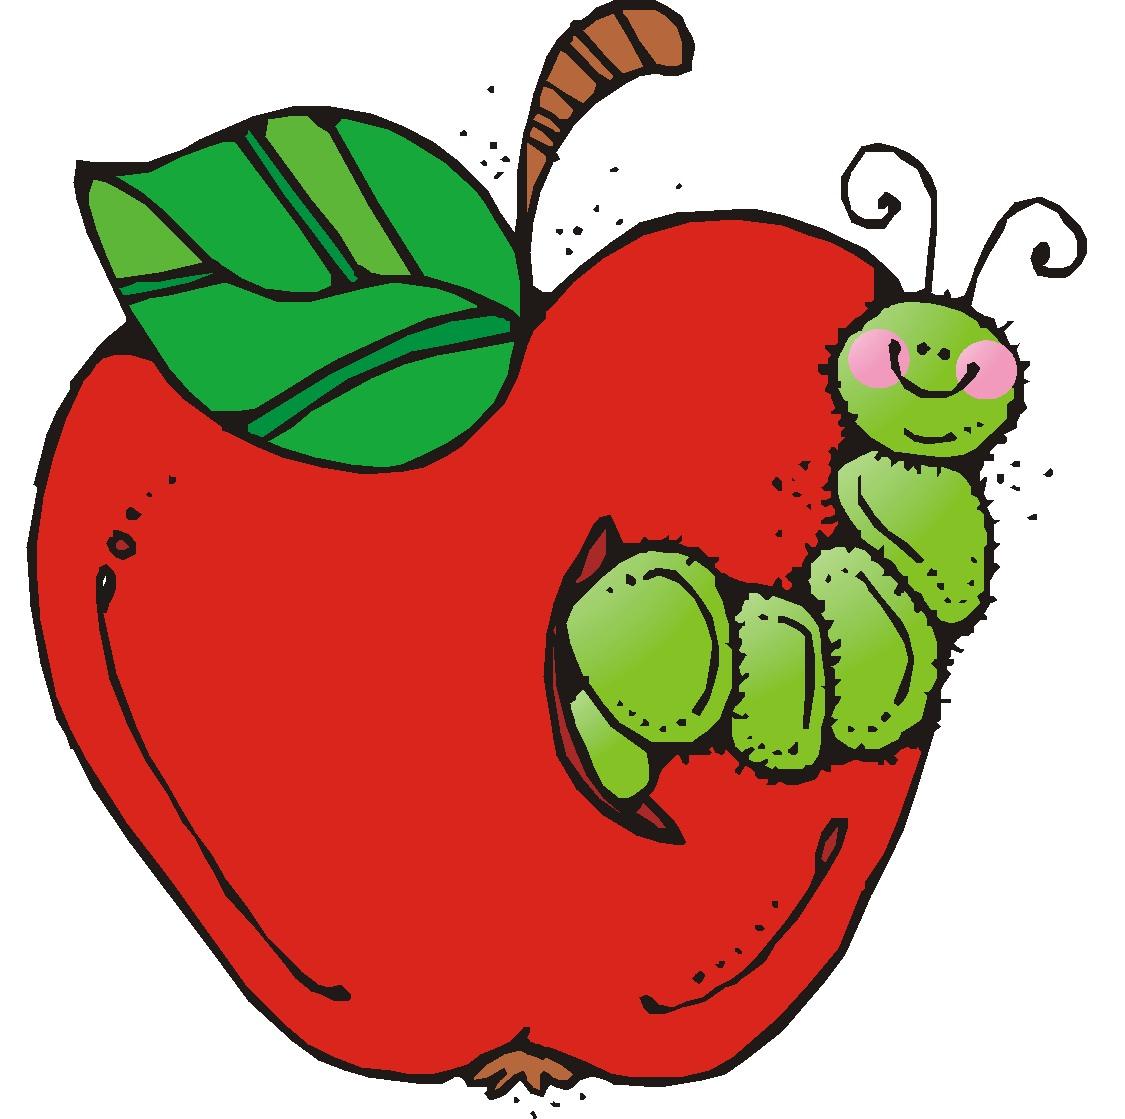 Teacher Apple Clipart | Clipart Panda - -Teacher Apple Clipart | Clipart Panda - Free Clipart Images-16